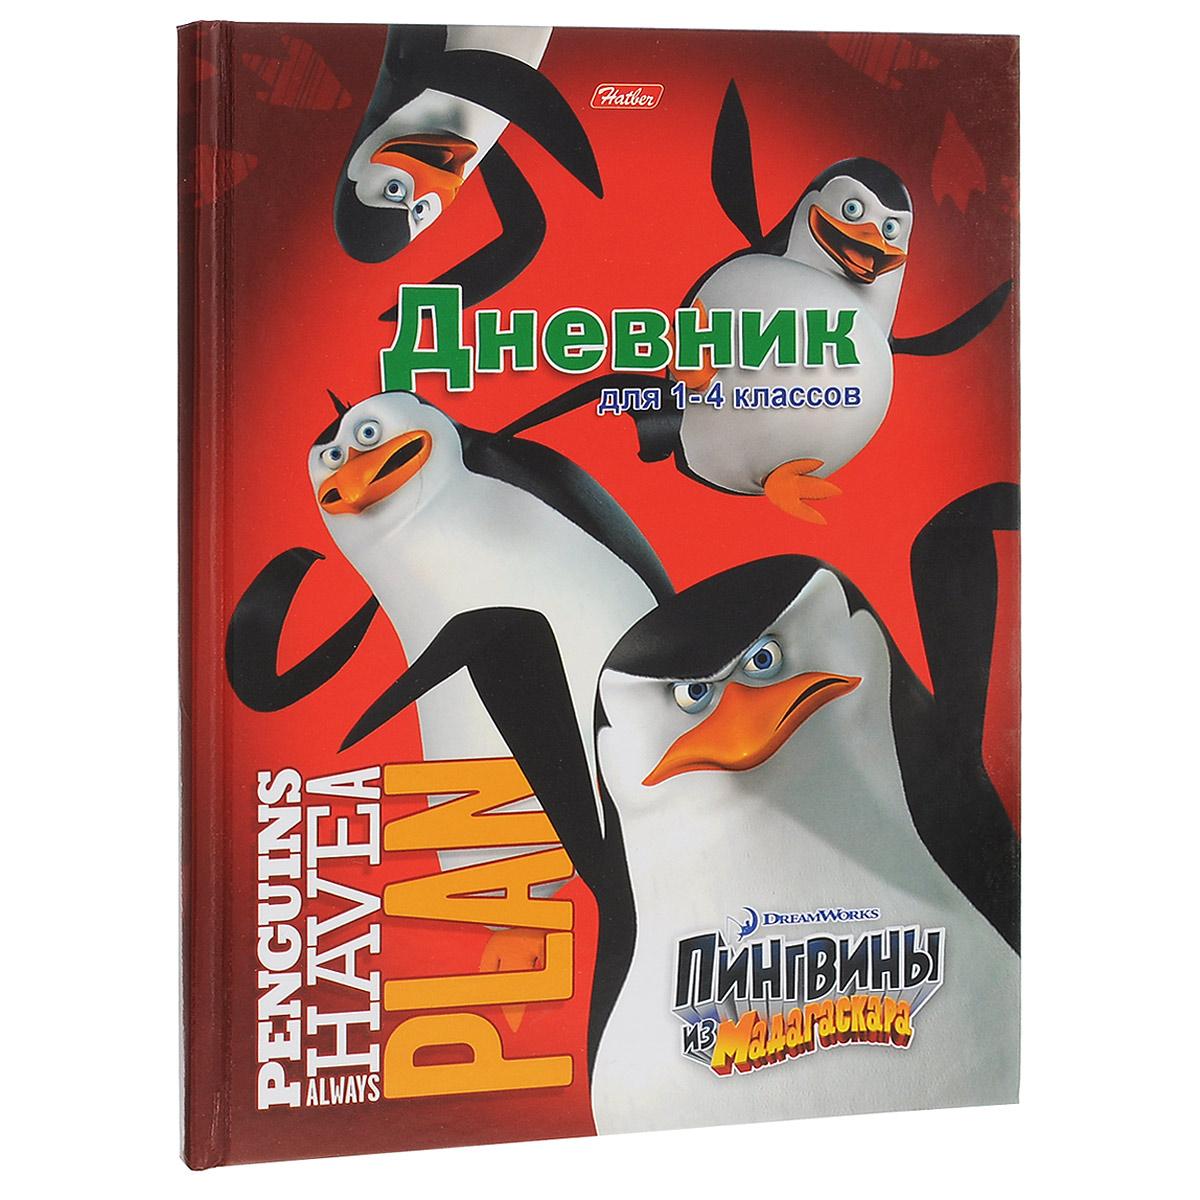 Дневник школьный Hatber Пингвины из Мадагаскара, цвет: красный48ДмТ5B_11769Школьный дневник Hatber Пингвины из Мадагаскара - первый ежедневник вашего ребенка. Он поможет ему не забыть свои задания, а вы всегда сможете проконтролировать его успеваемость. Дневник предназначен для учеников 1-4 классов. Внутренний блок дневника состоит из 48 листов бумаги бежевого цвета. Обложка в твердом переплете выполнена из глянцевого картона с изображением пингвинов Мадагаскара. В структуру дневника входят все необходимые разделы: информация о личных данных ученика, школе и педагогах, друзьях и одноклассниках, расписание факультативов и уроков по четвертям, сведения об успеваемости с рекомендациями педагогического коллектива. Дневник содержит номера телефонов экстренной помощи и даты государственных праздников. Кроме стандартной информации, в конце дневника имеется краткий справочник школьника по математике и русскому языку. Справочник содержит ряд формул, правил и подсказок по предмету, которому они предназначены. Дневник Hatber...